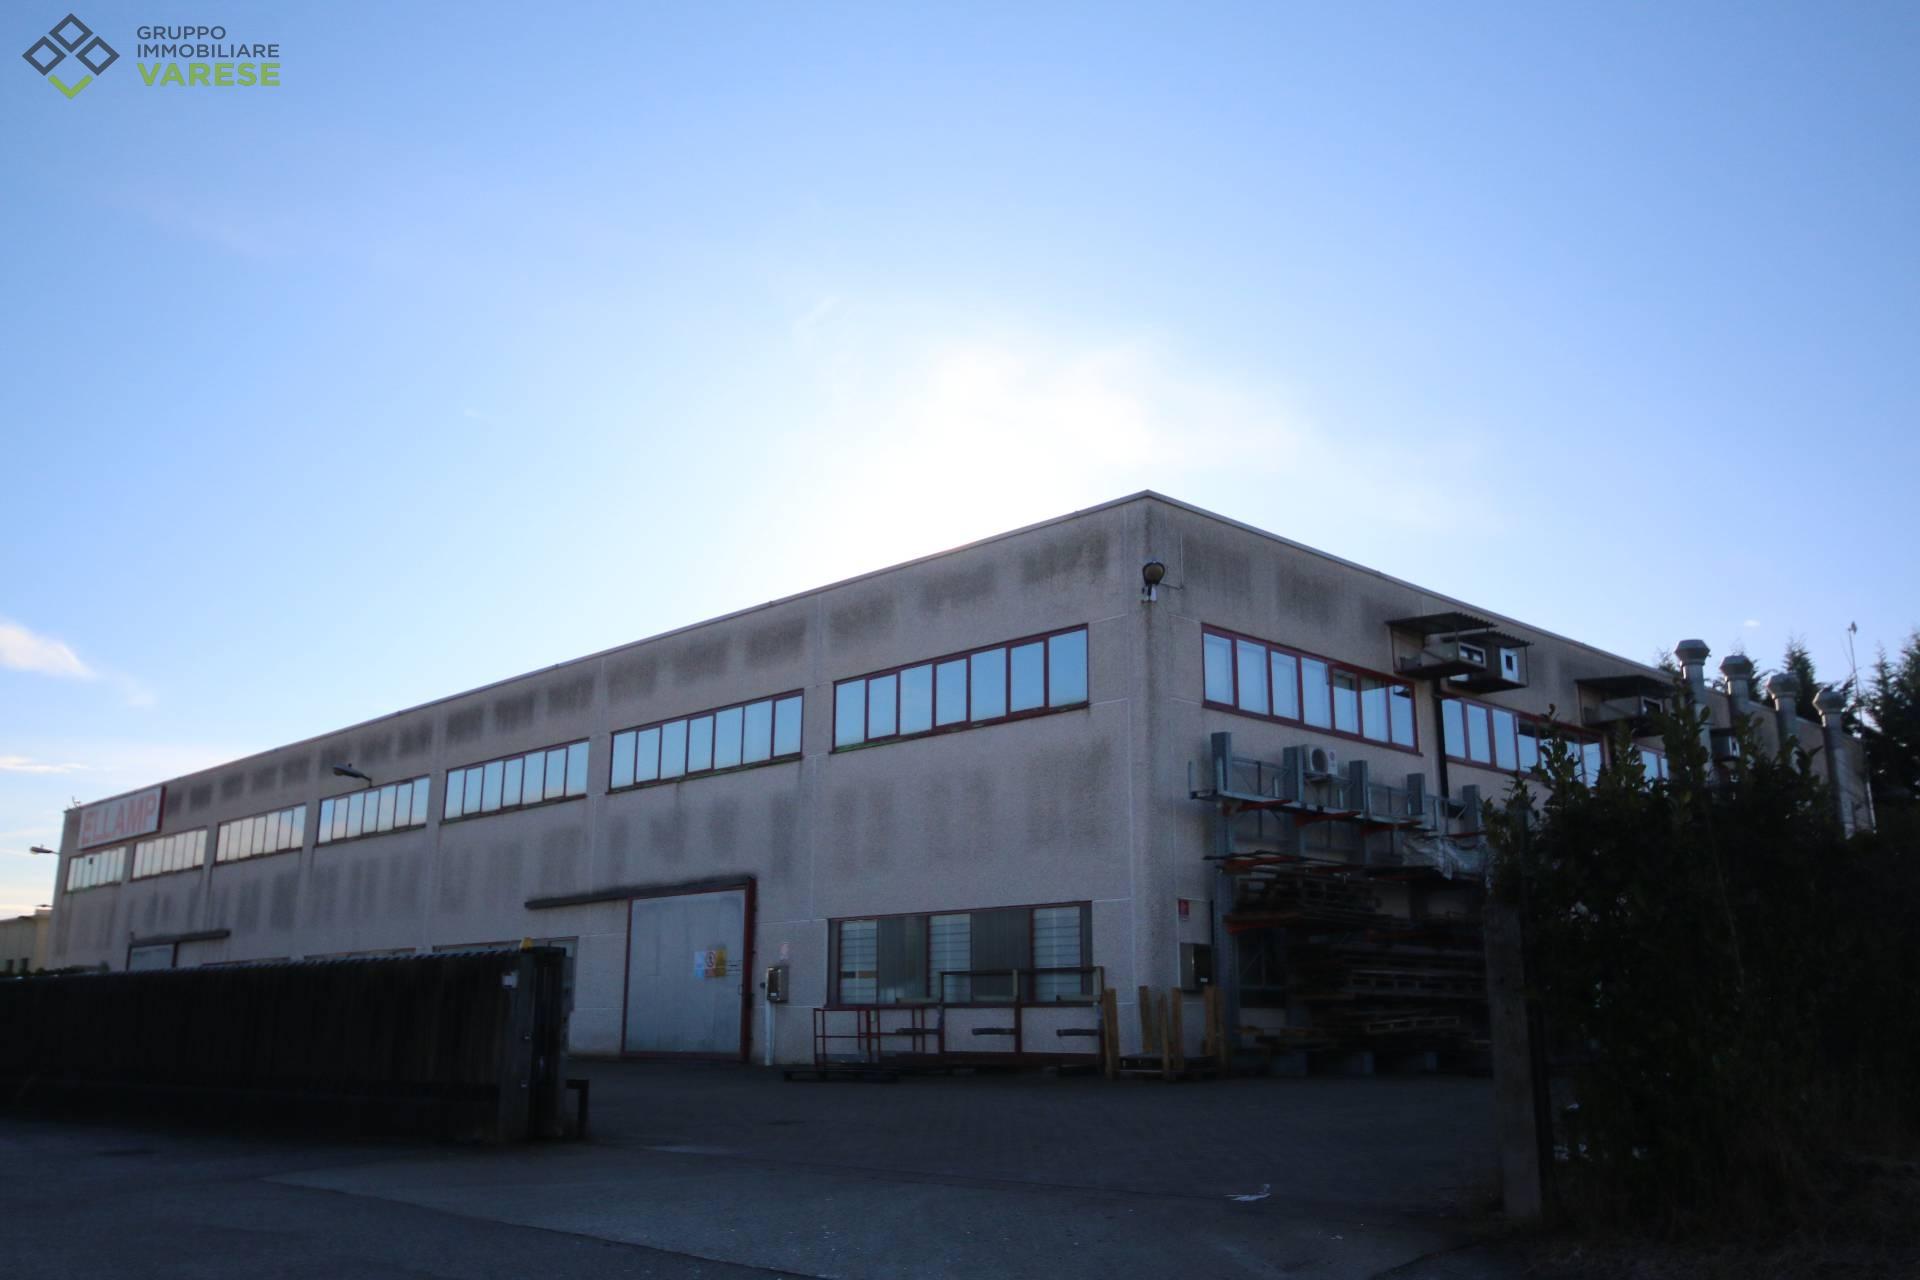 Capannone in vendita a Bodio Lomnago, 9999 locali, zona Zona: Bodio, prezzo € 1.800.000 | CambioCasa.it